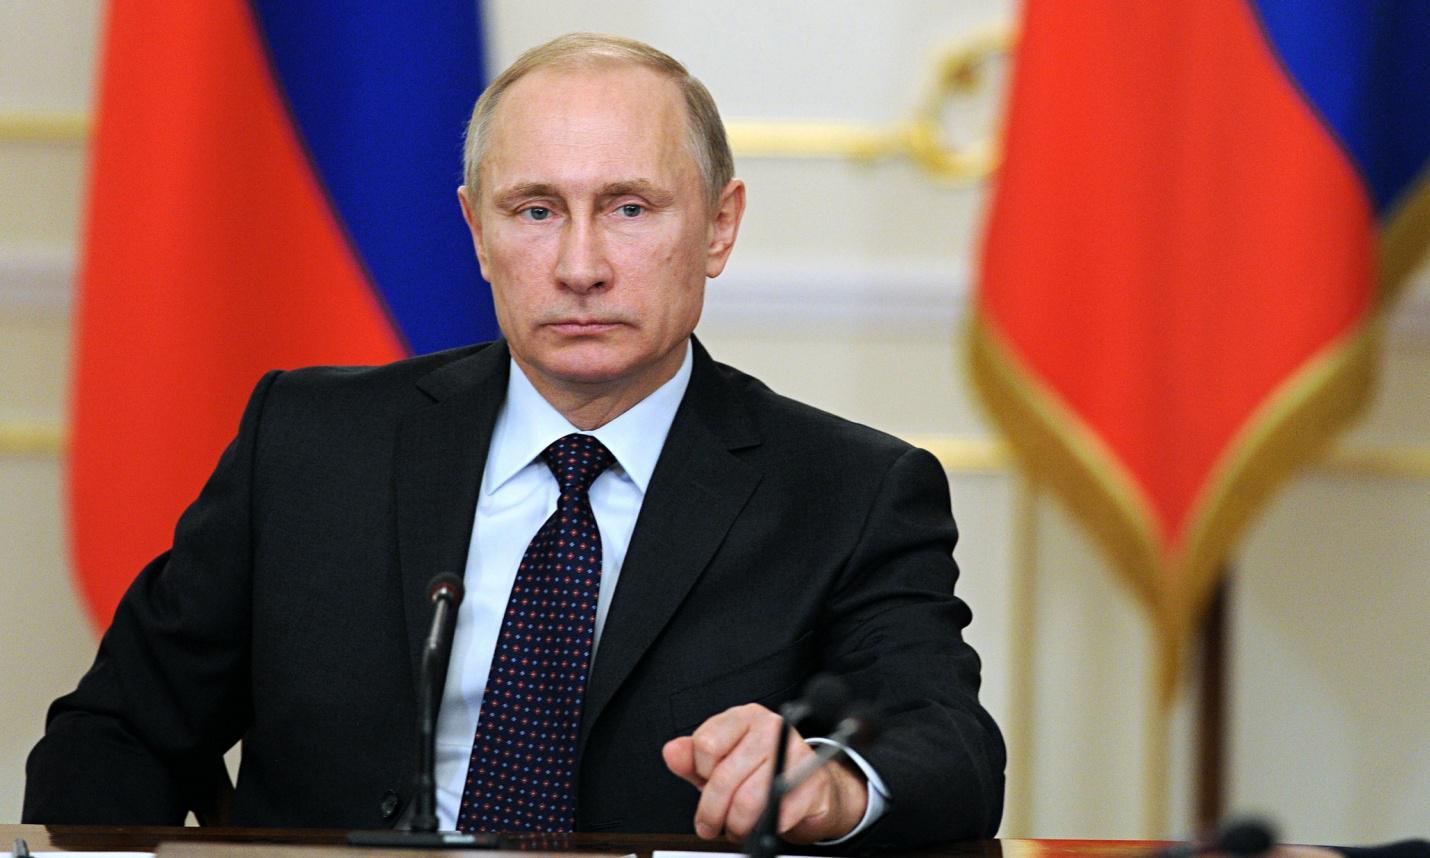 Московские власти непрояснили ситуацию вокруг театра Серебренникова